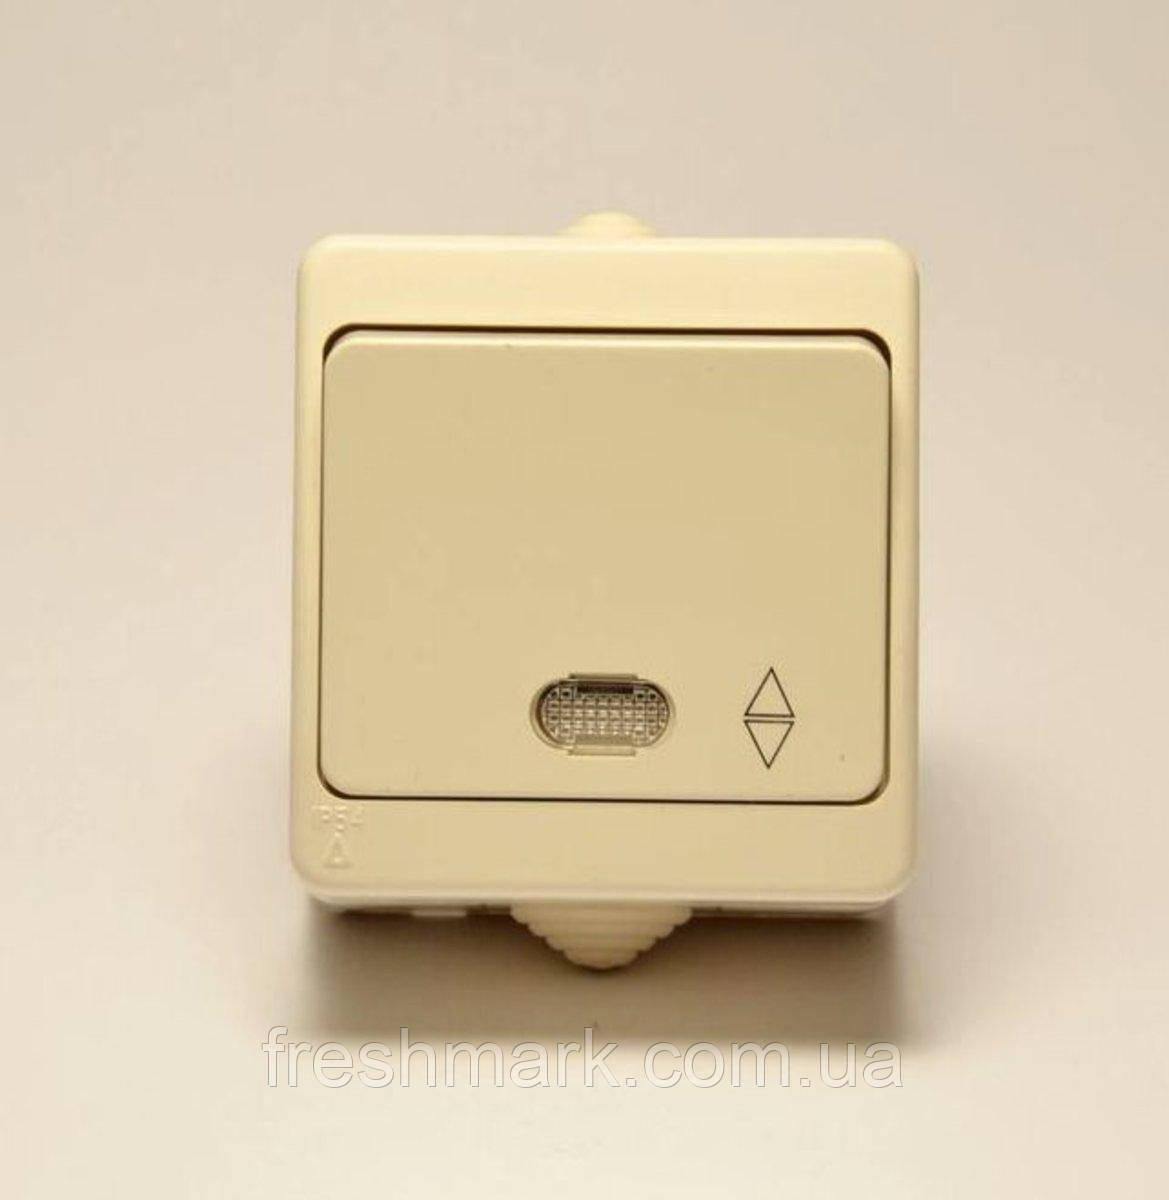 Выключатель одноклавишный GUNSAN Nemliyer проходной с подсветкой влагозащищенный Кремовый